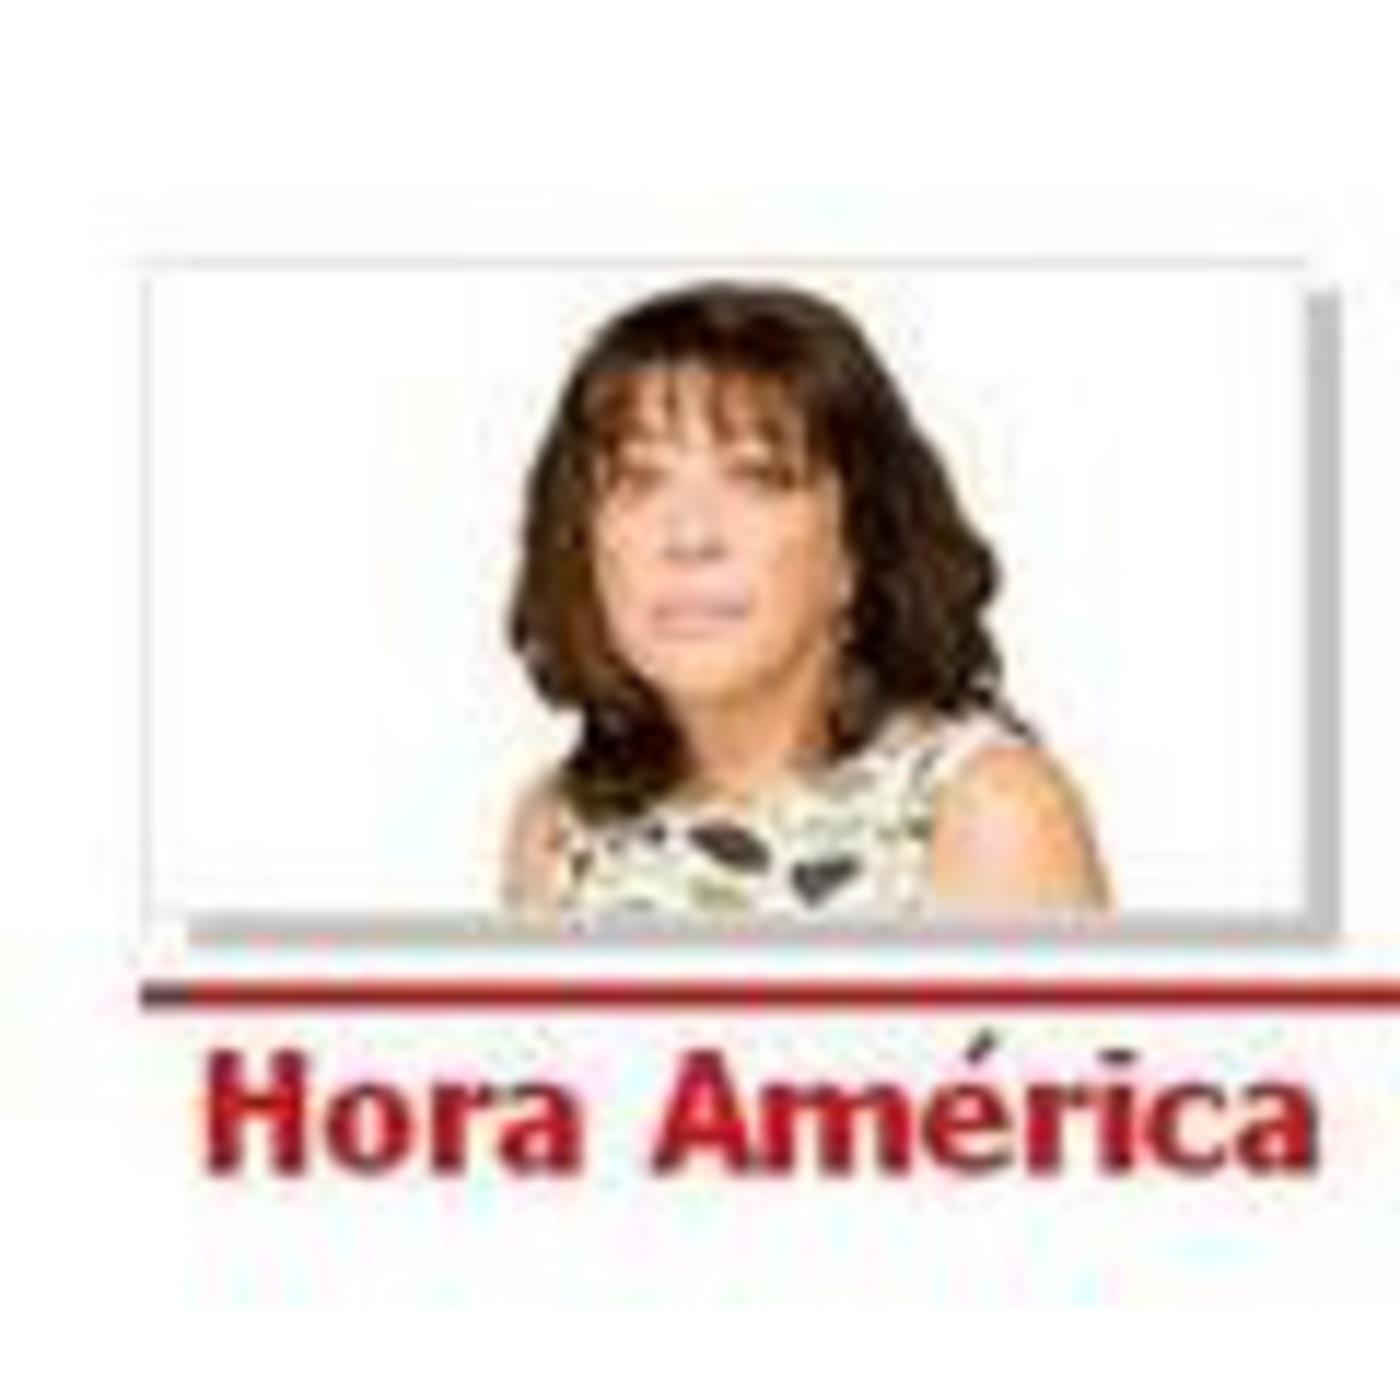 Hora América